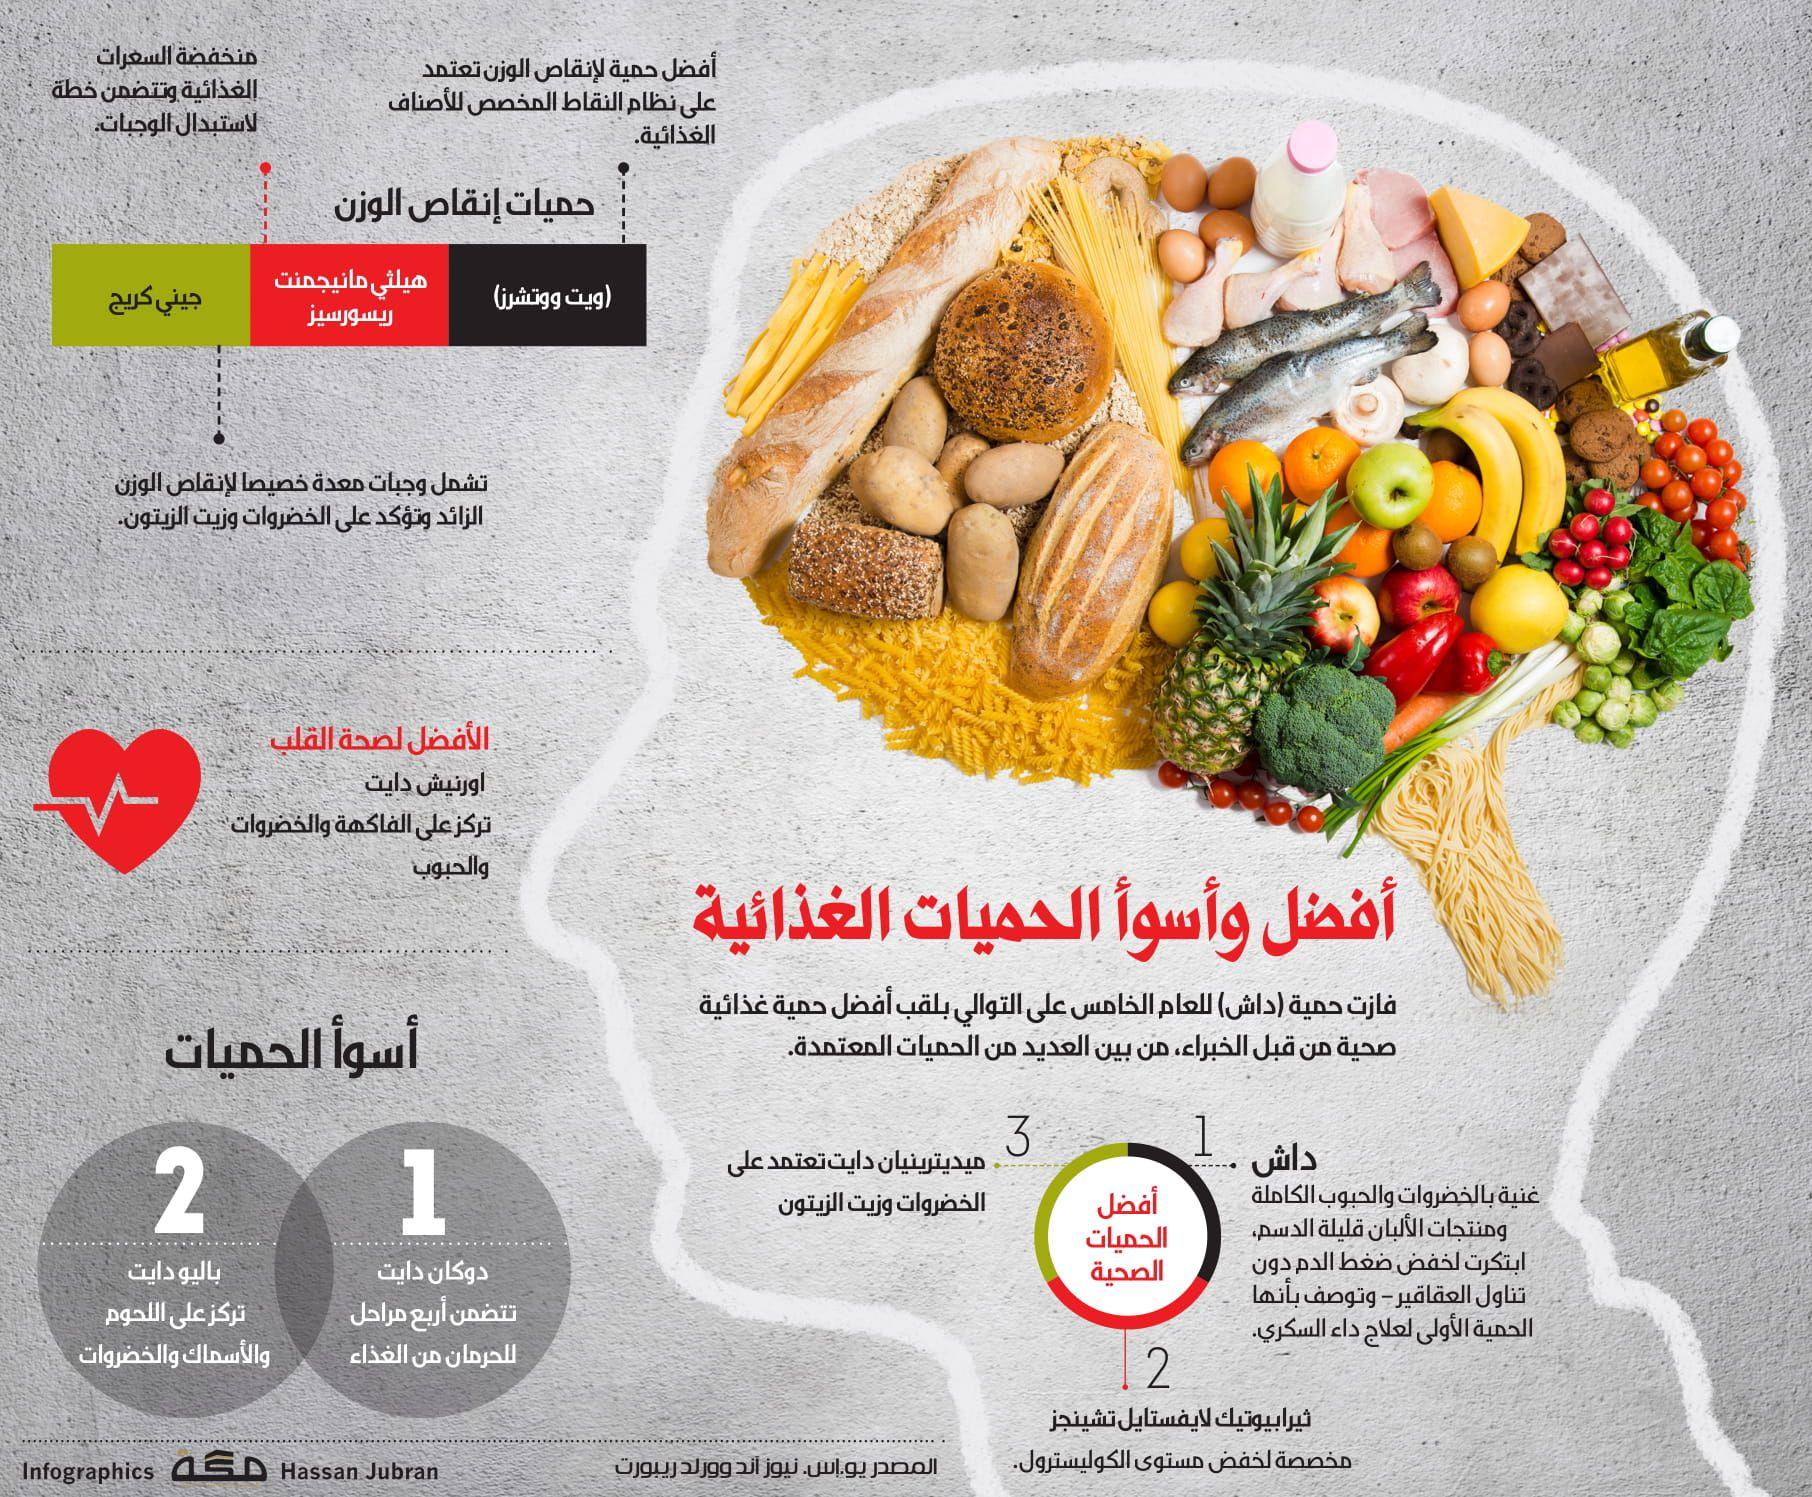 أفضل وأسوأ الحميات الغذائية صحيفة مكة انفوجرافيك صحة Alii